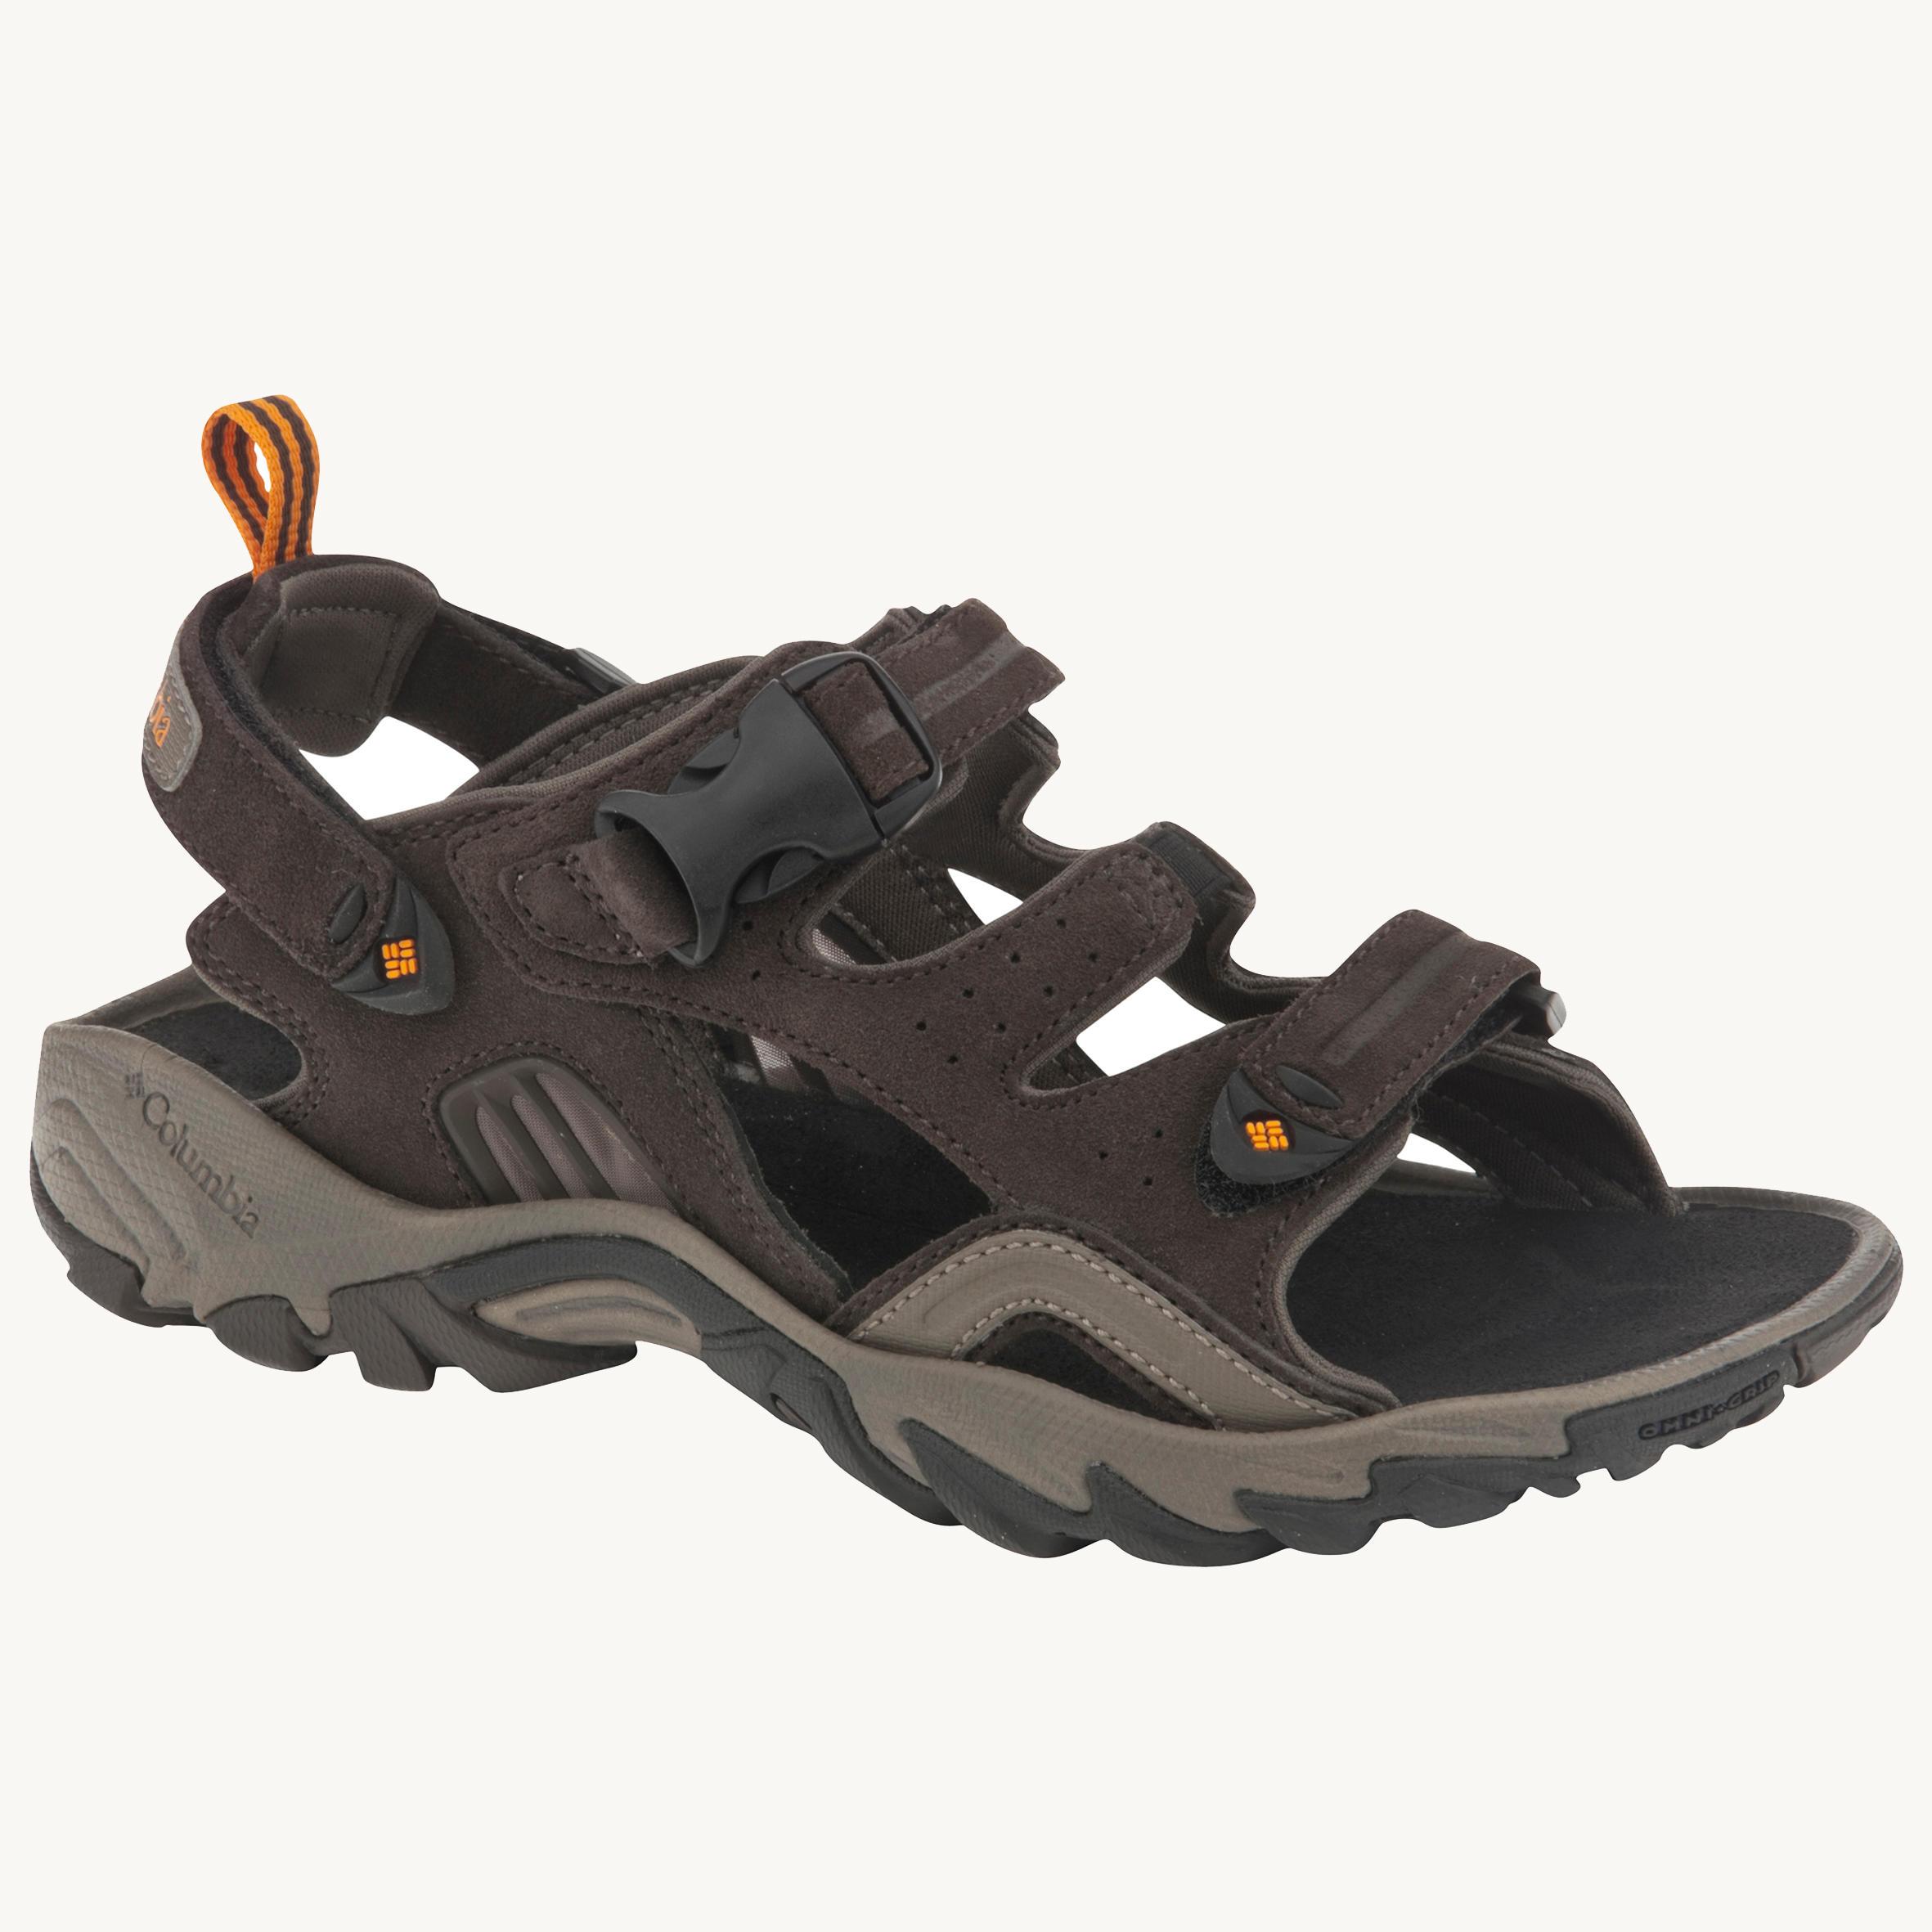 51c5a5242 Comprar Sandalias de Trekking y Senderismo online